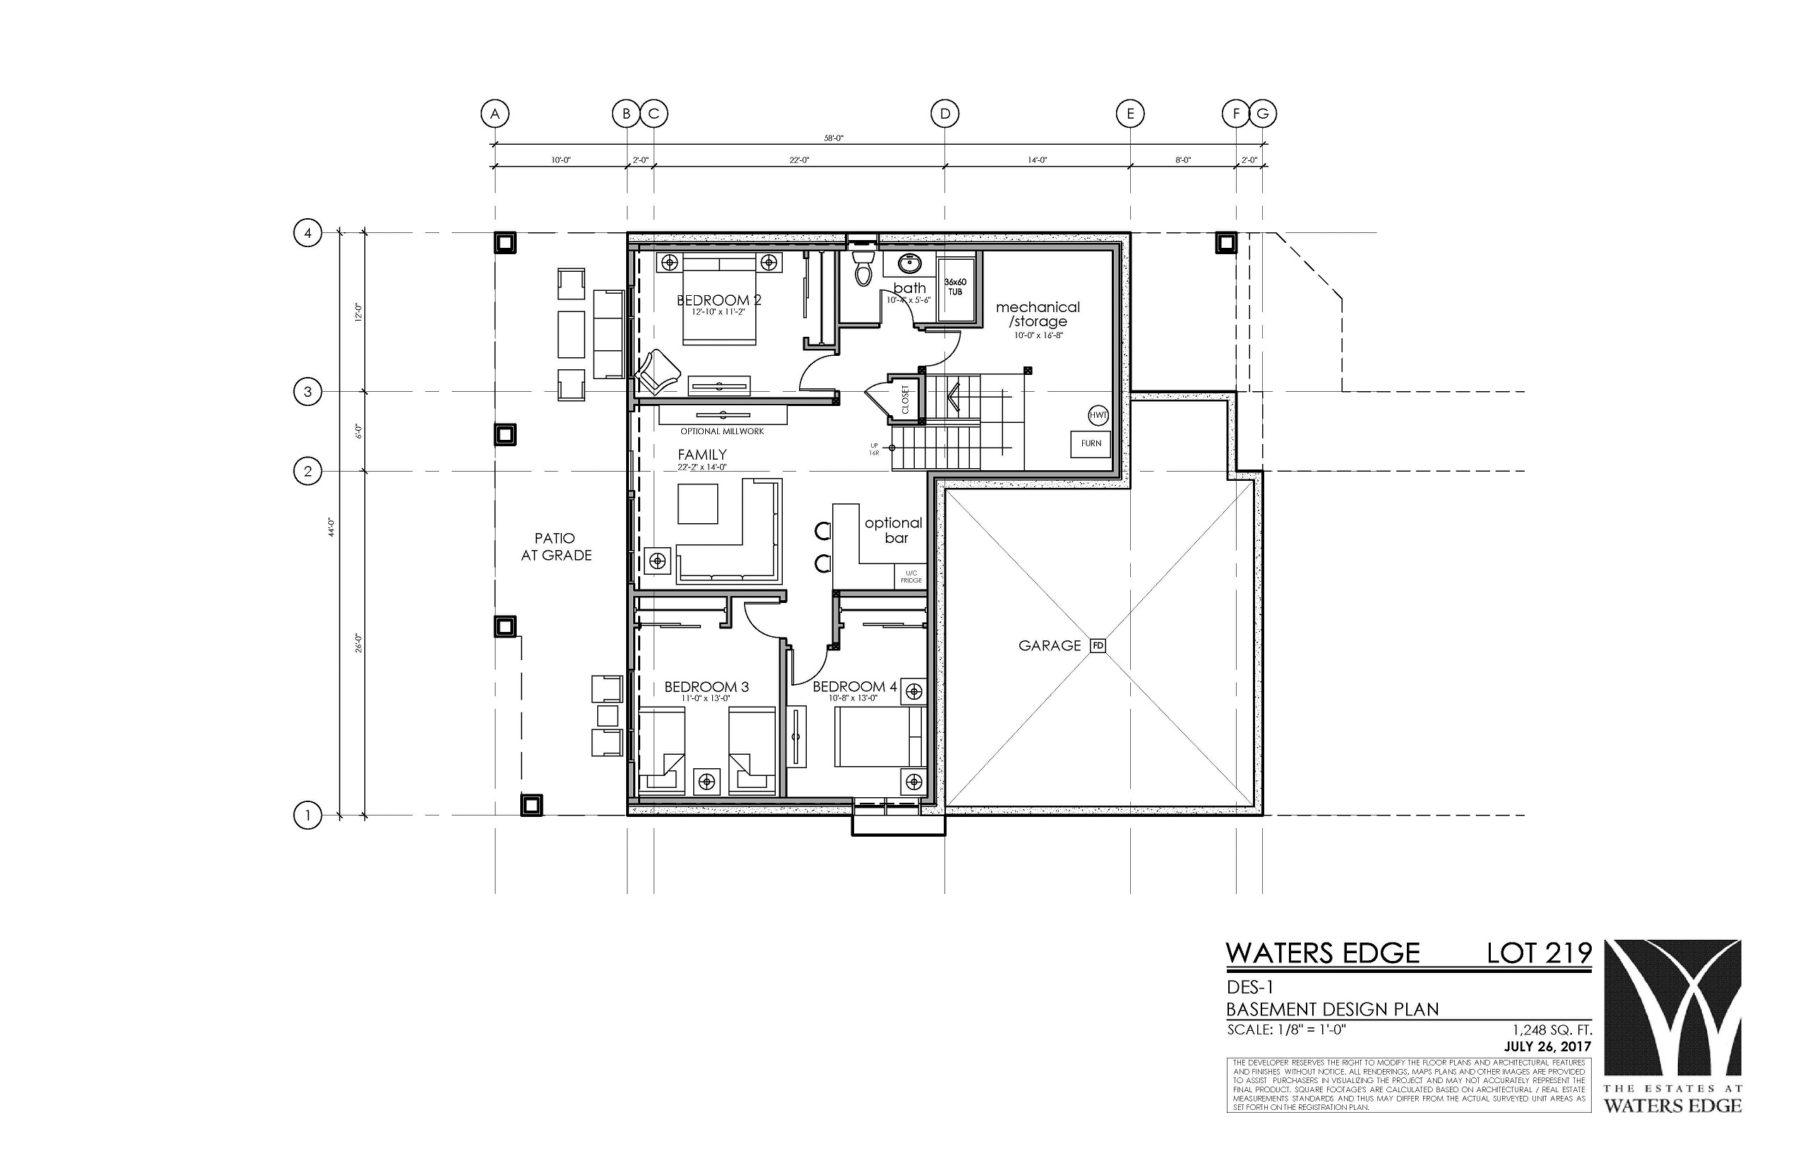 Basement | 1248 sq ft